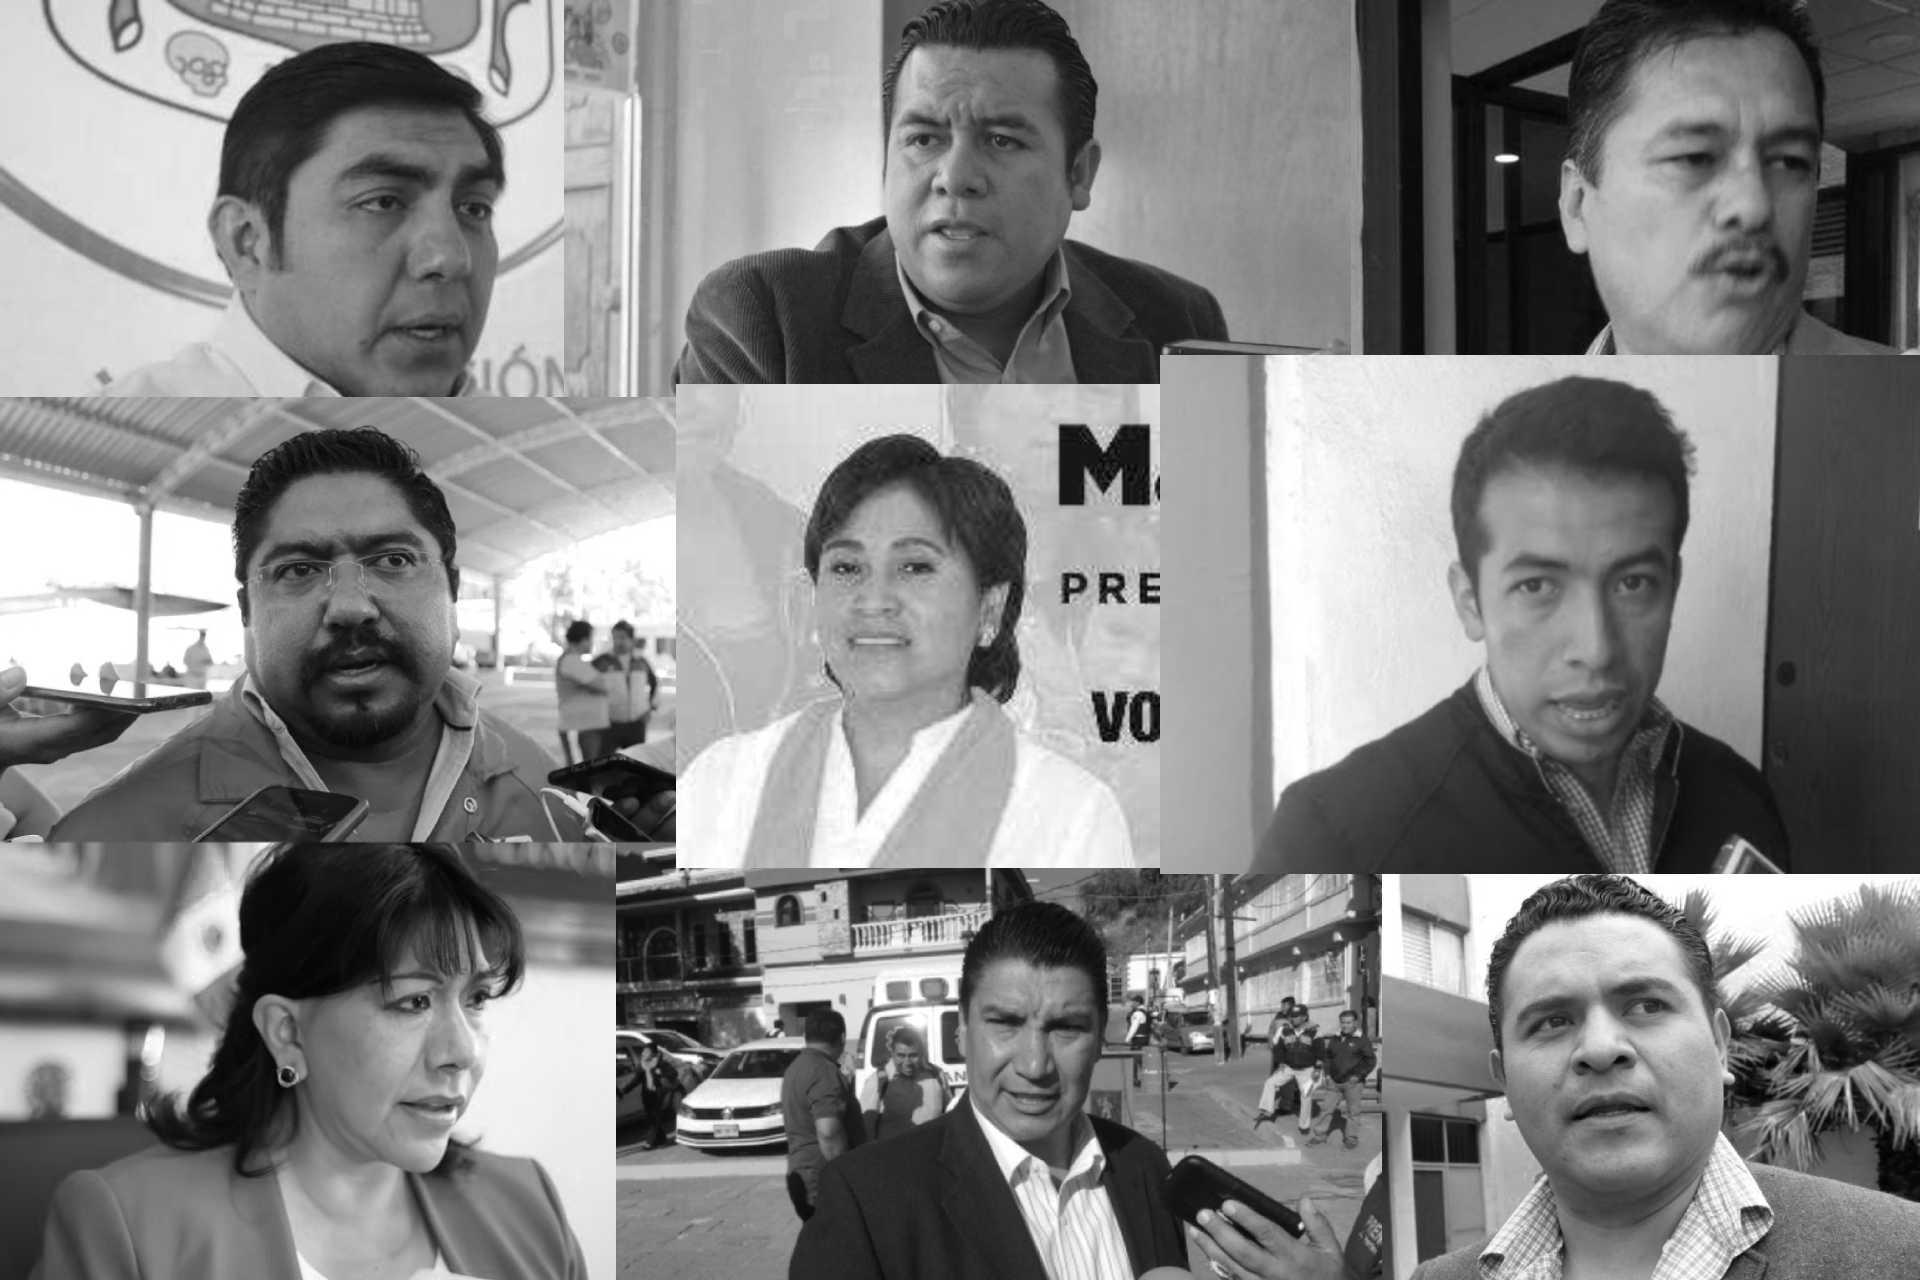 ediles-2021-Tlaxcala-Mexico